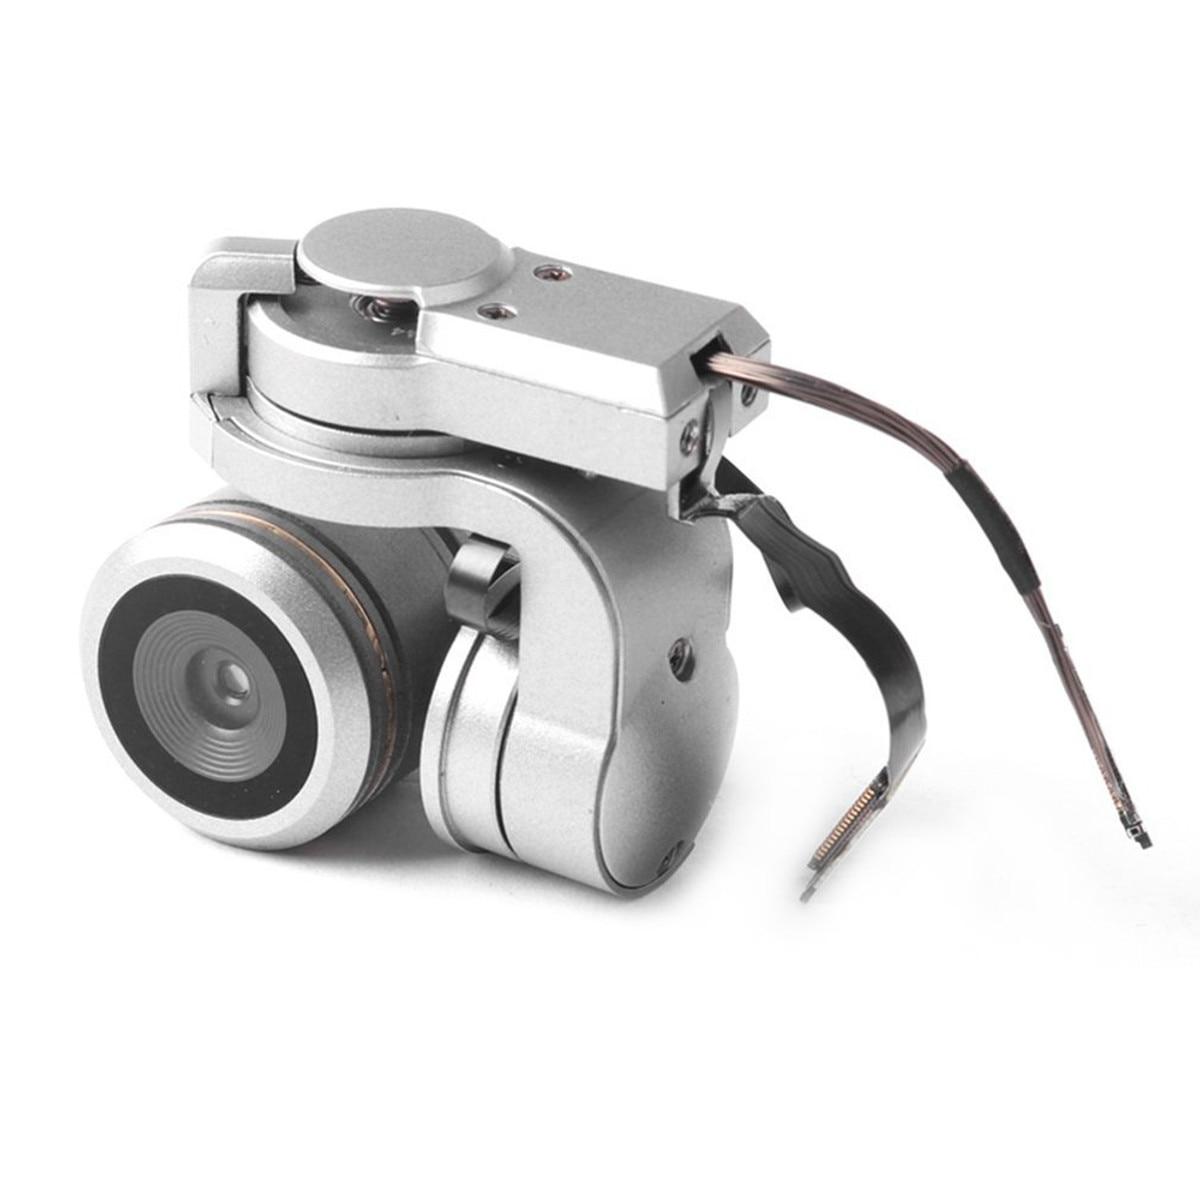 Pièces de rechange pour objectif de caméra à cardan DJI Mavic Pro FPV HD 4K pour accessoires de cardan Mavic caméra DJI Mavic Pro